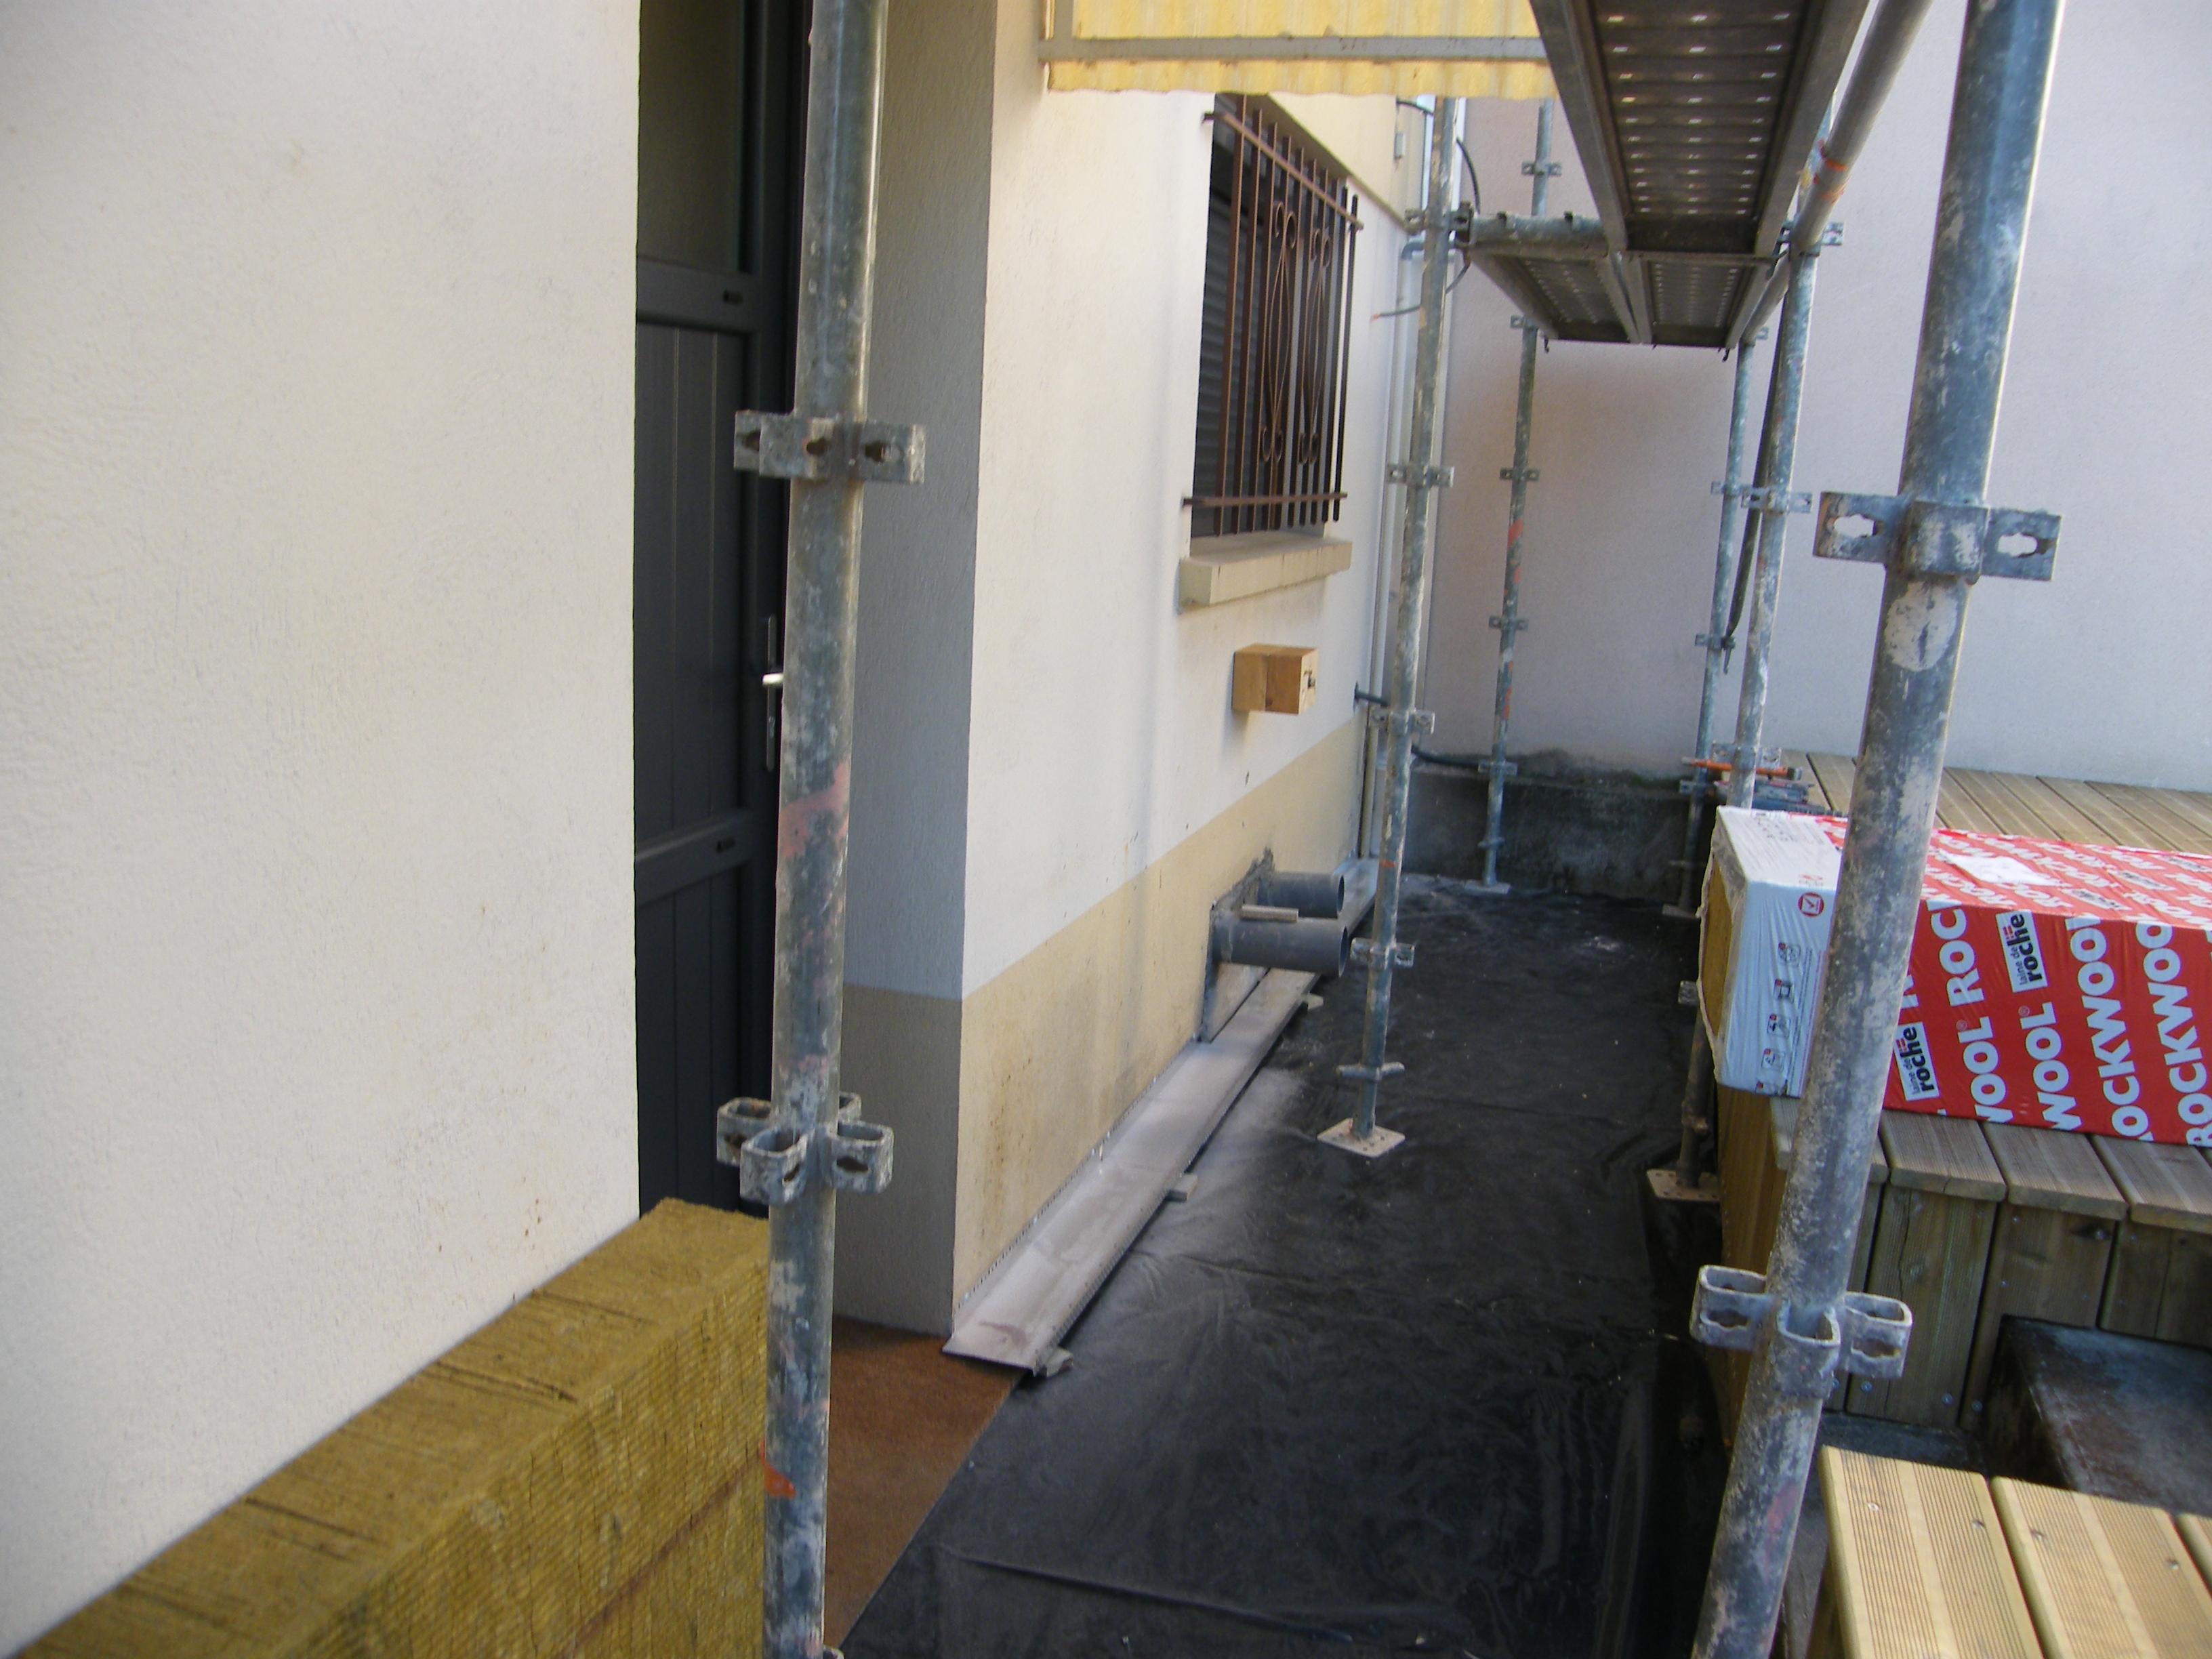 dscf5919 compte isolation. Black Bedroom Furniture Sets. Home Design Ideas